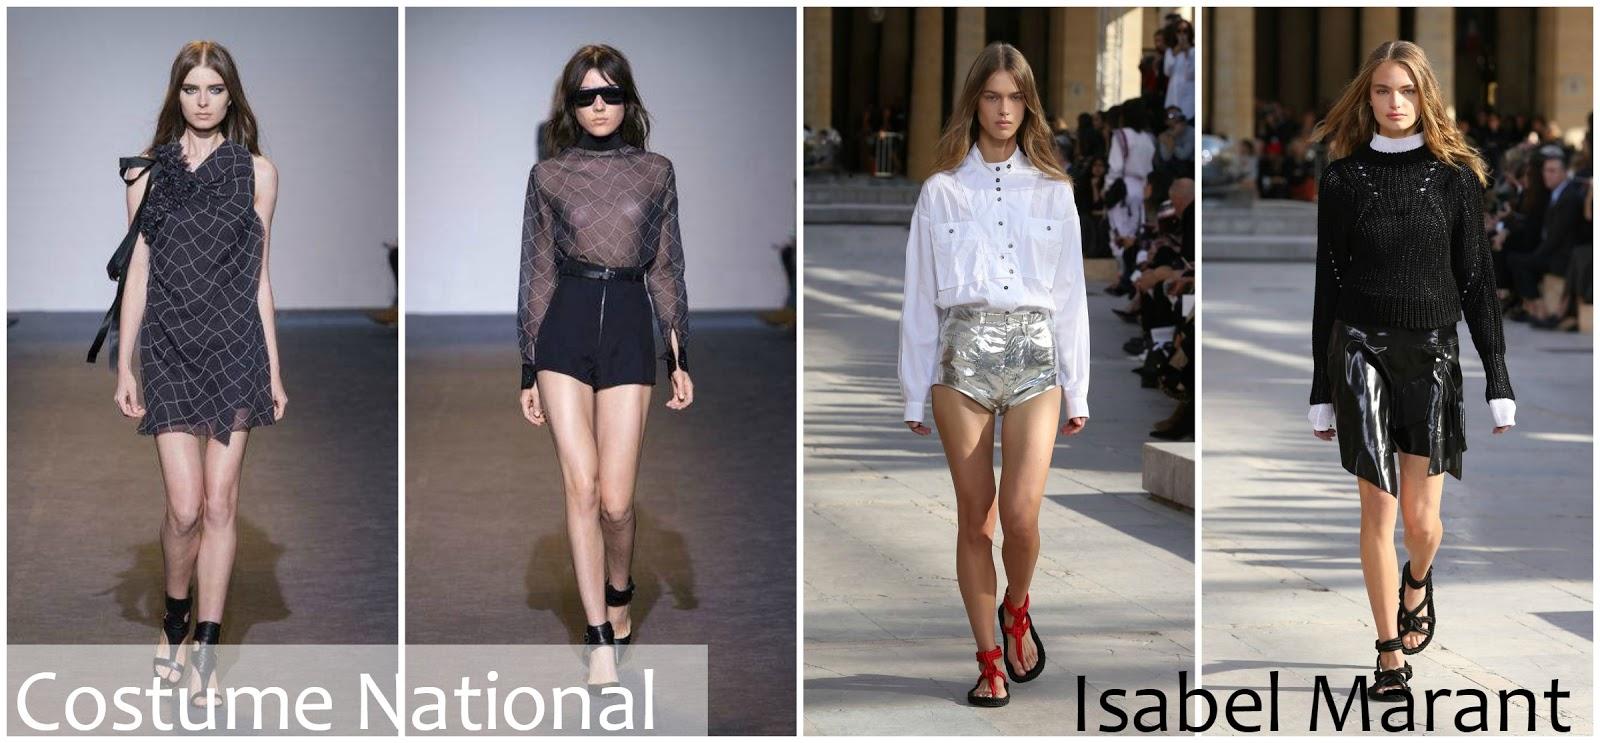 Costume National Isabel Marant runway fashion